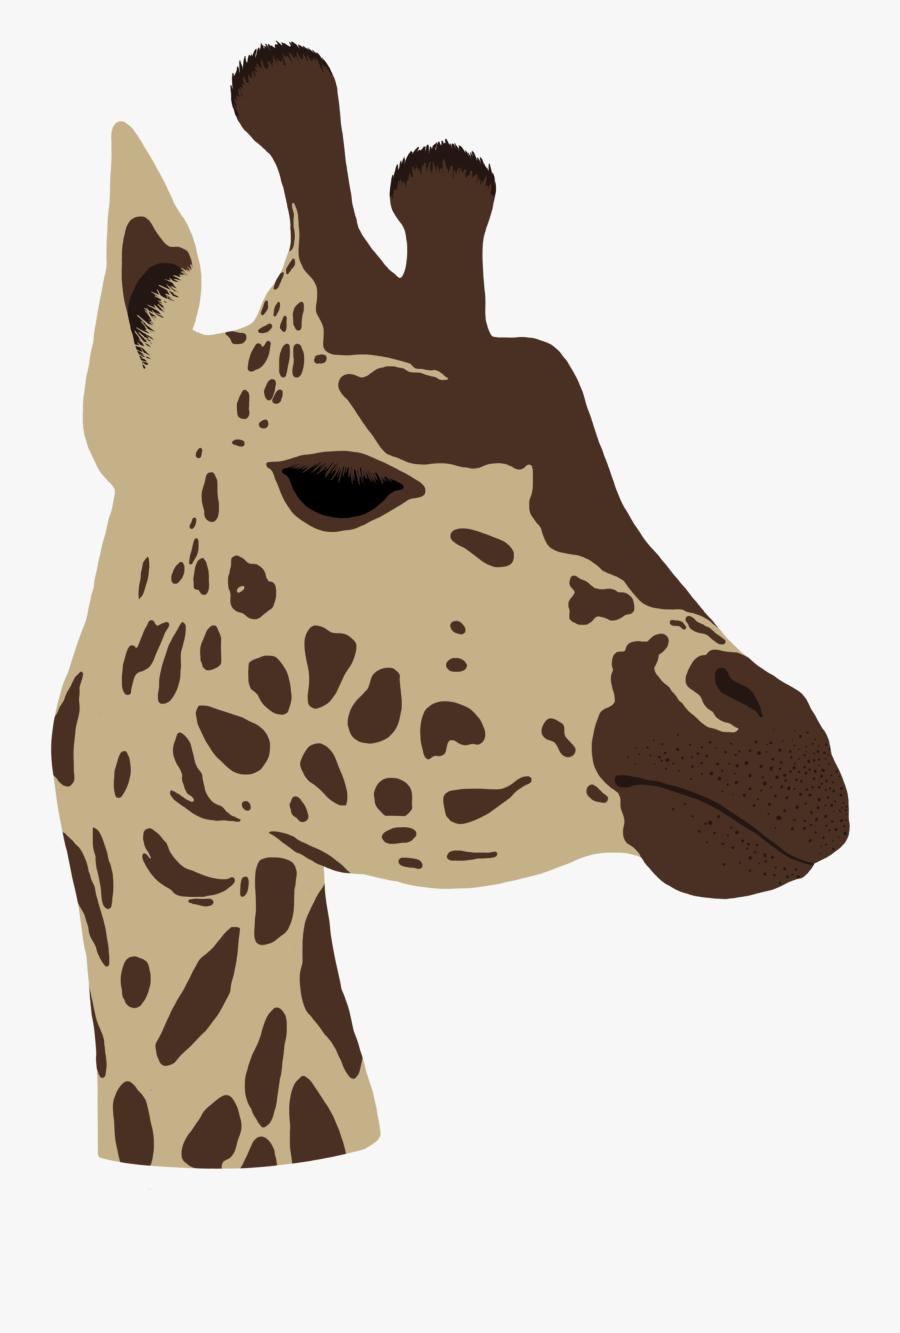 Transparent Giraffe Head Png - Giraffe, Transparent Clipart